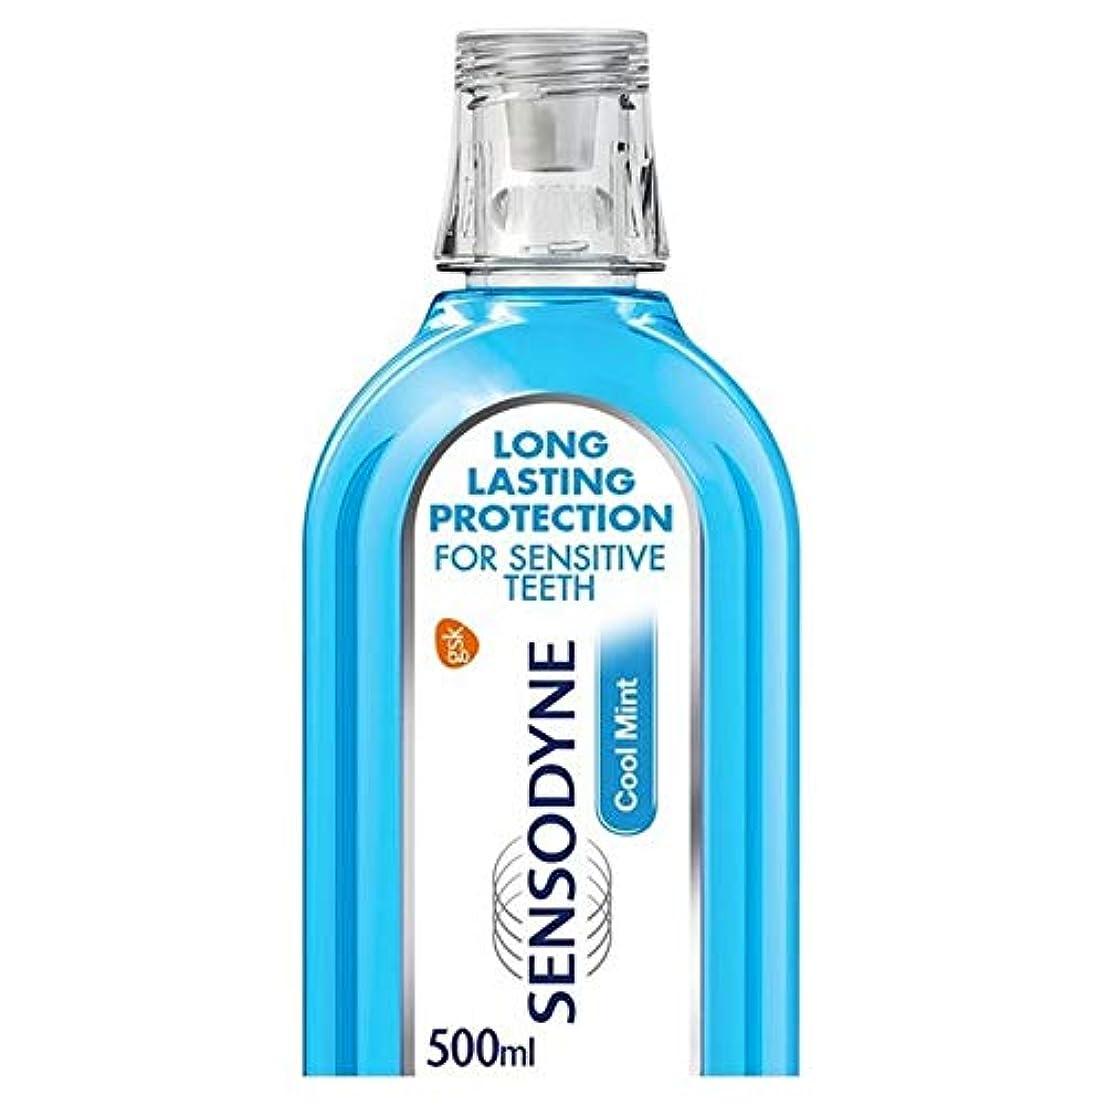 パッケージオペレーター王位[Sensodyne] Sensodyneクールミント敏感ケアマウスウォッシュ500ミリリットル - Sensodyne Cool Mint Sensitive Care Mouthwash 500ml [並行輸入品]